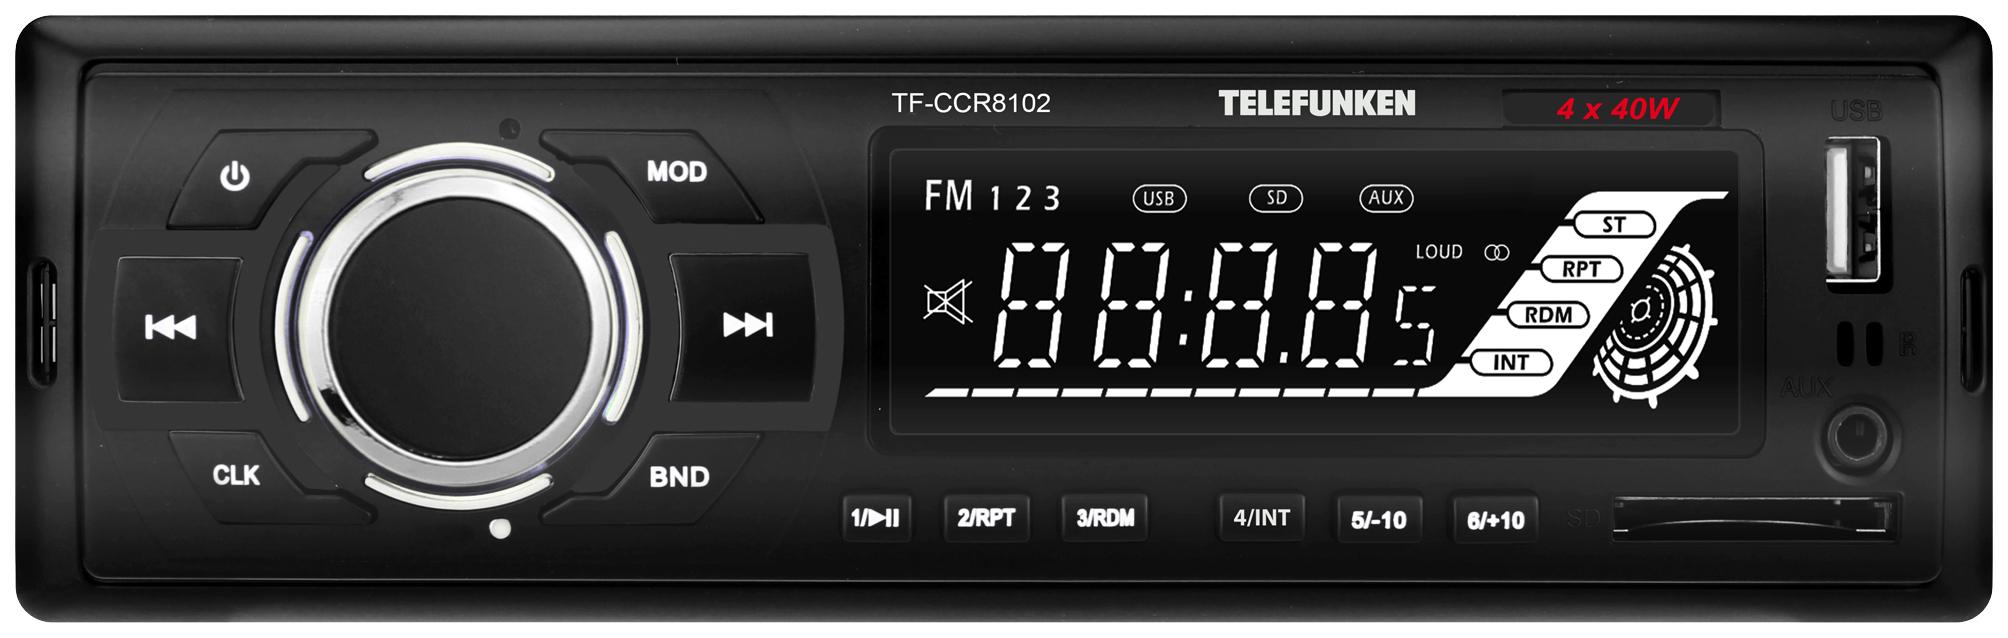 Автомобильная магнитола Telefunken TF-CCR8102 4x40Вт